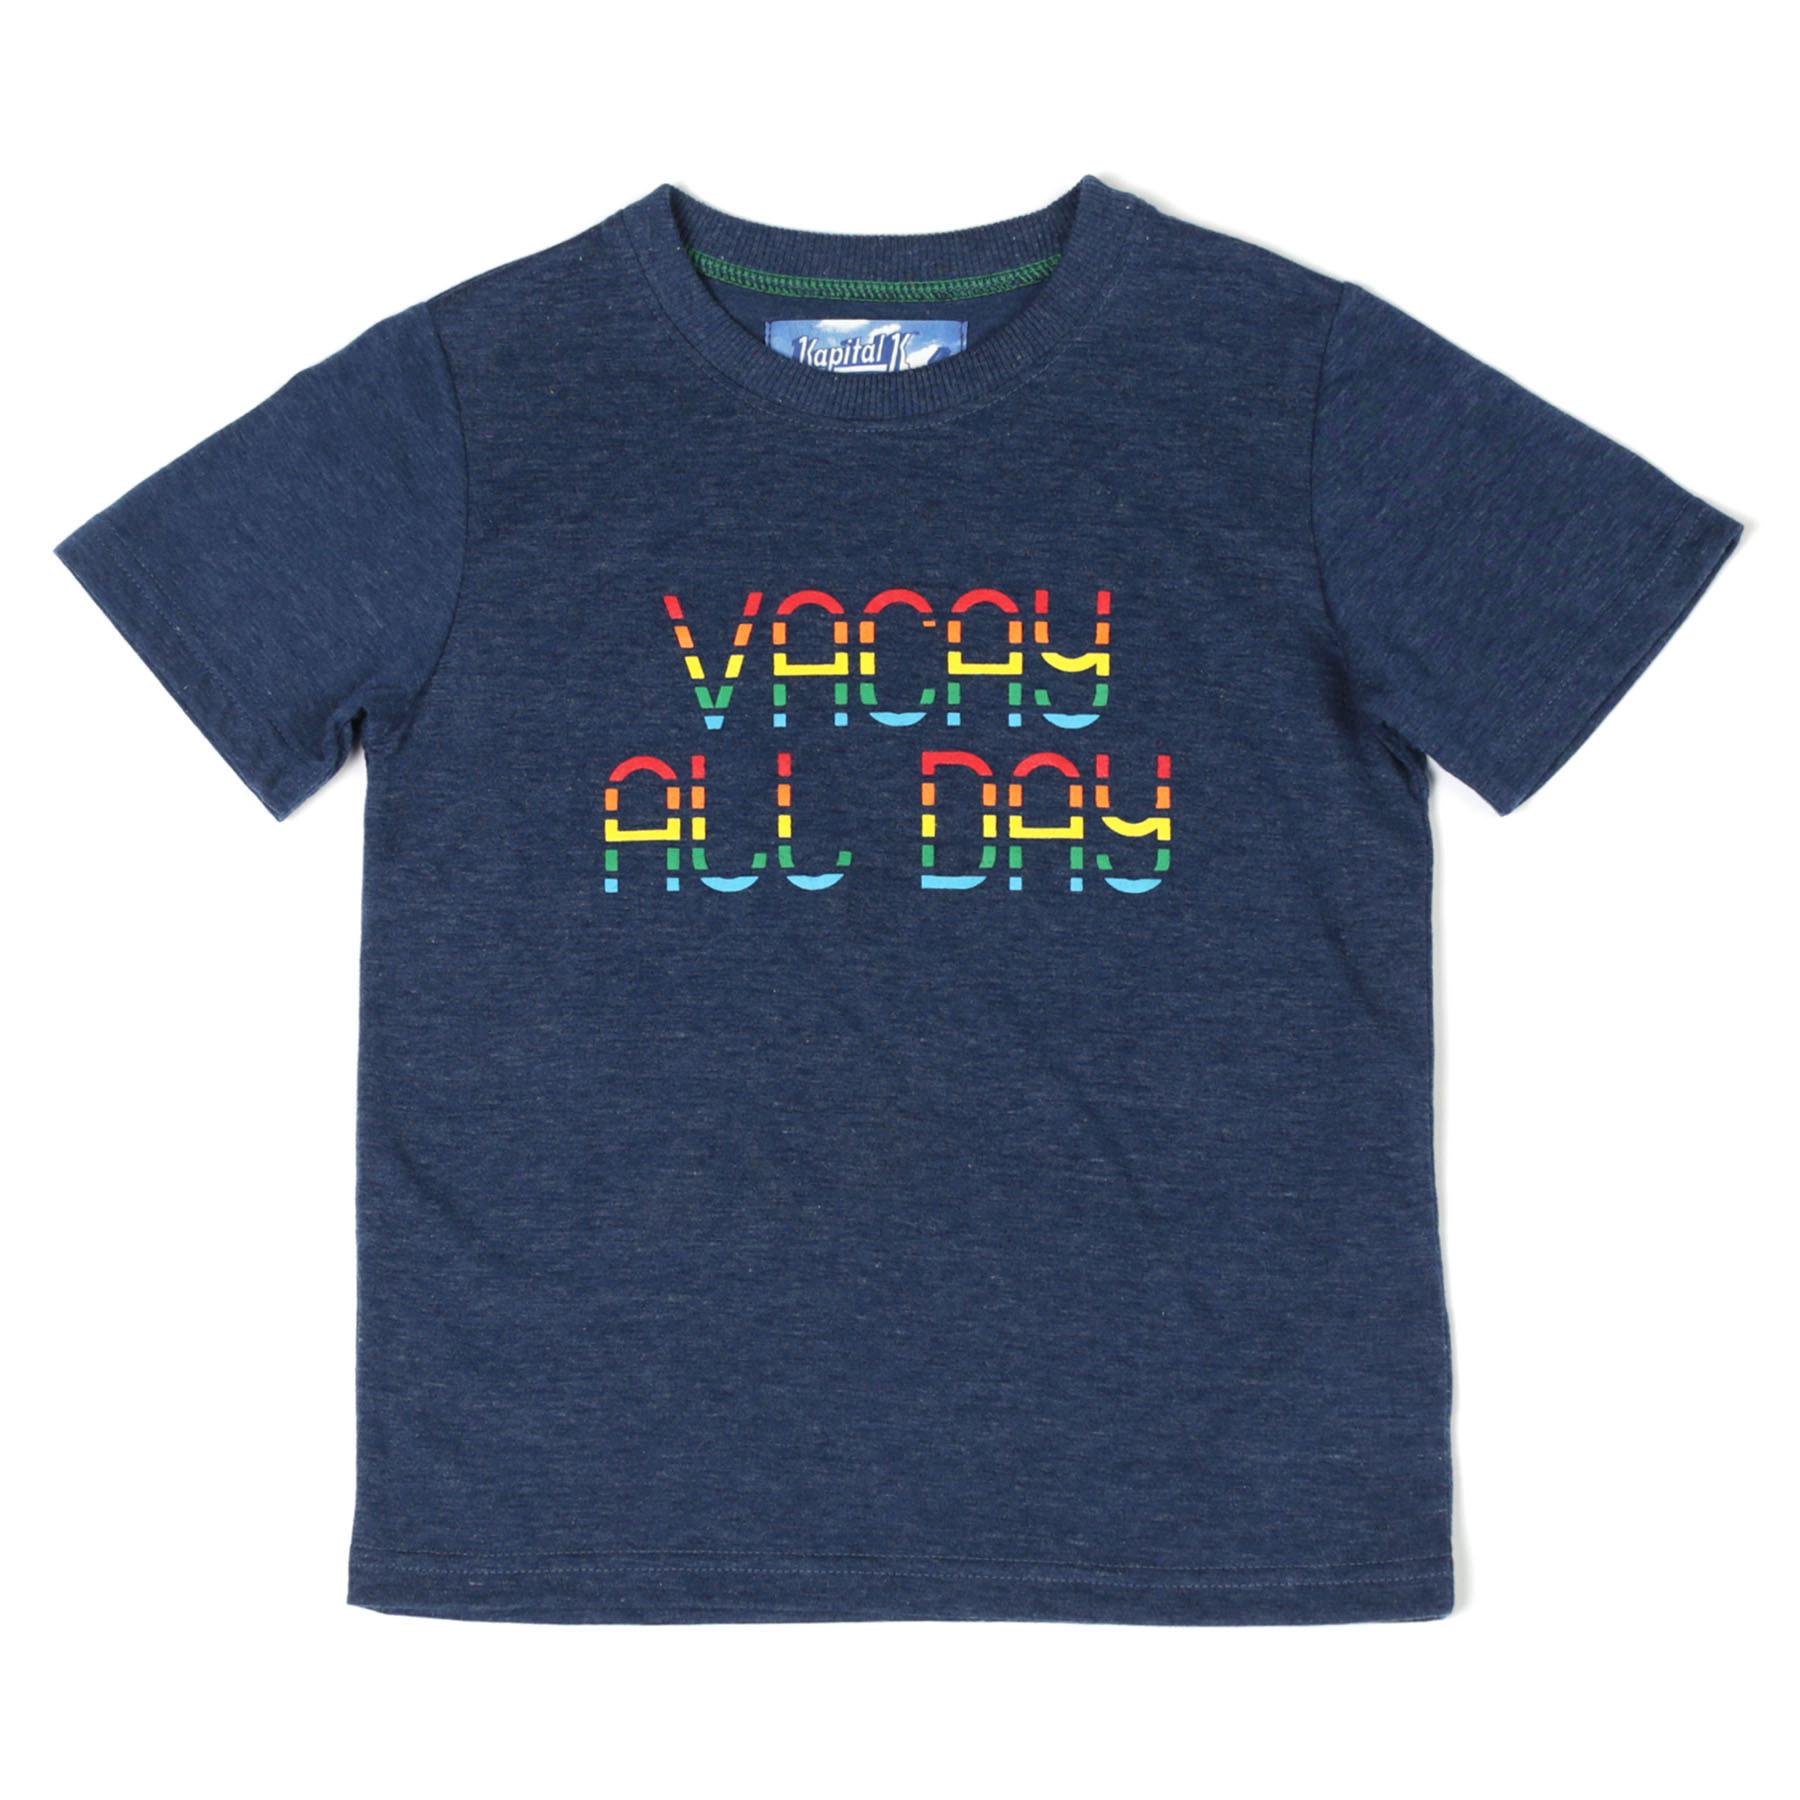 Kapital K Vacay All Day Tee Capri Blue